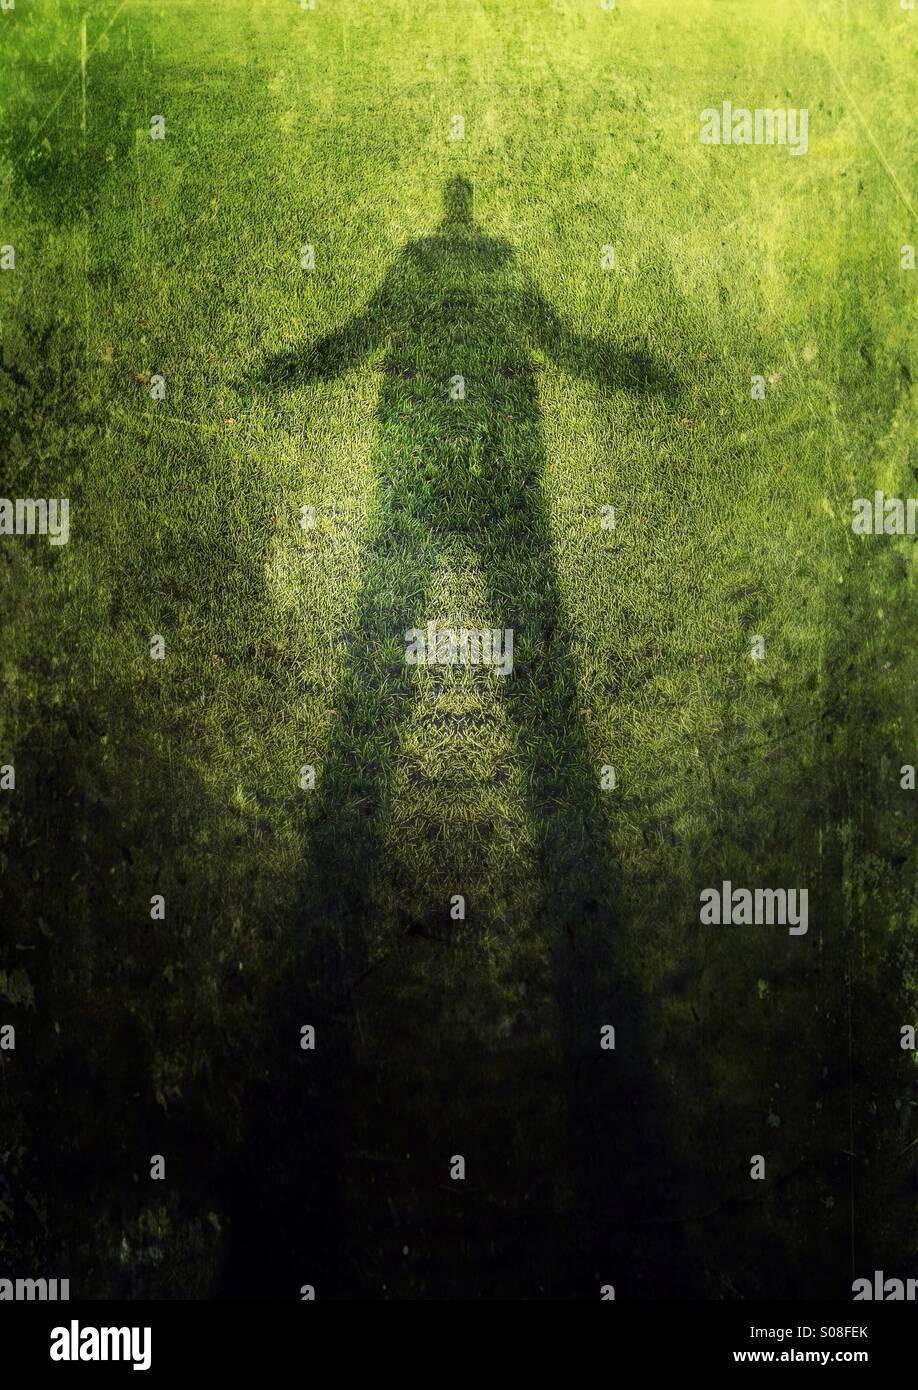 Green Man - ombra di un uomo Immagini Stock